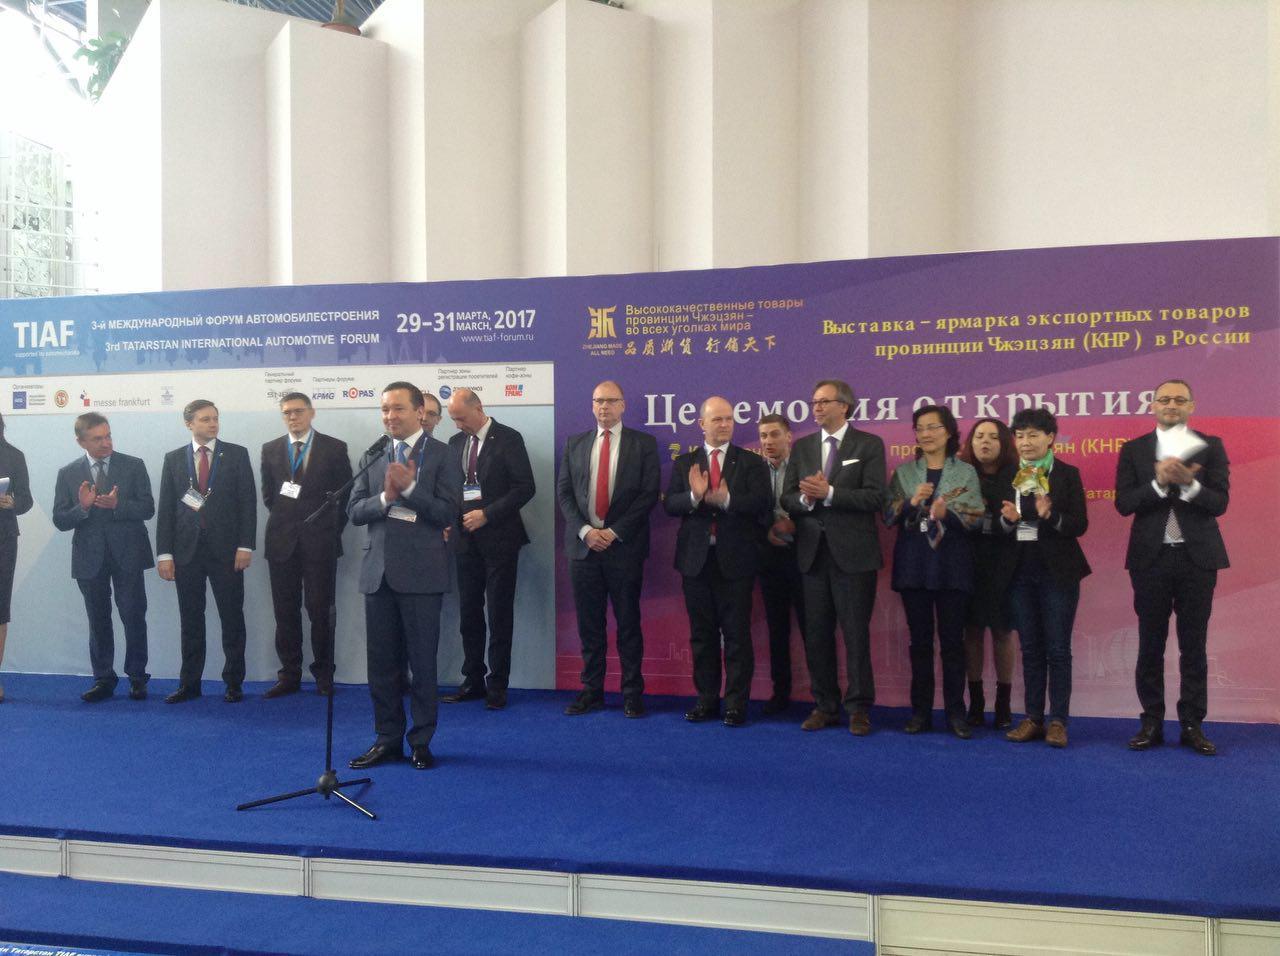 ВКазани стартует международный форум автомобилестроения TIAF supported byAutomechanika